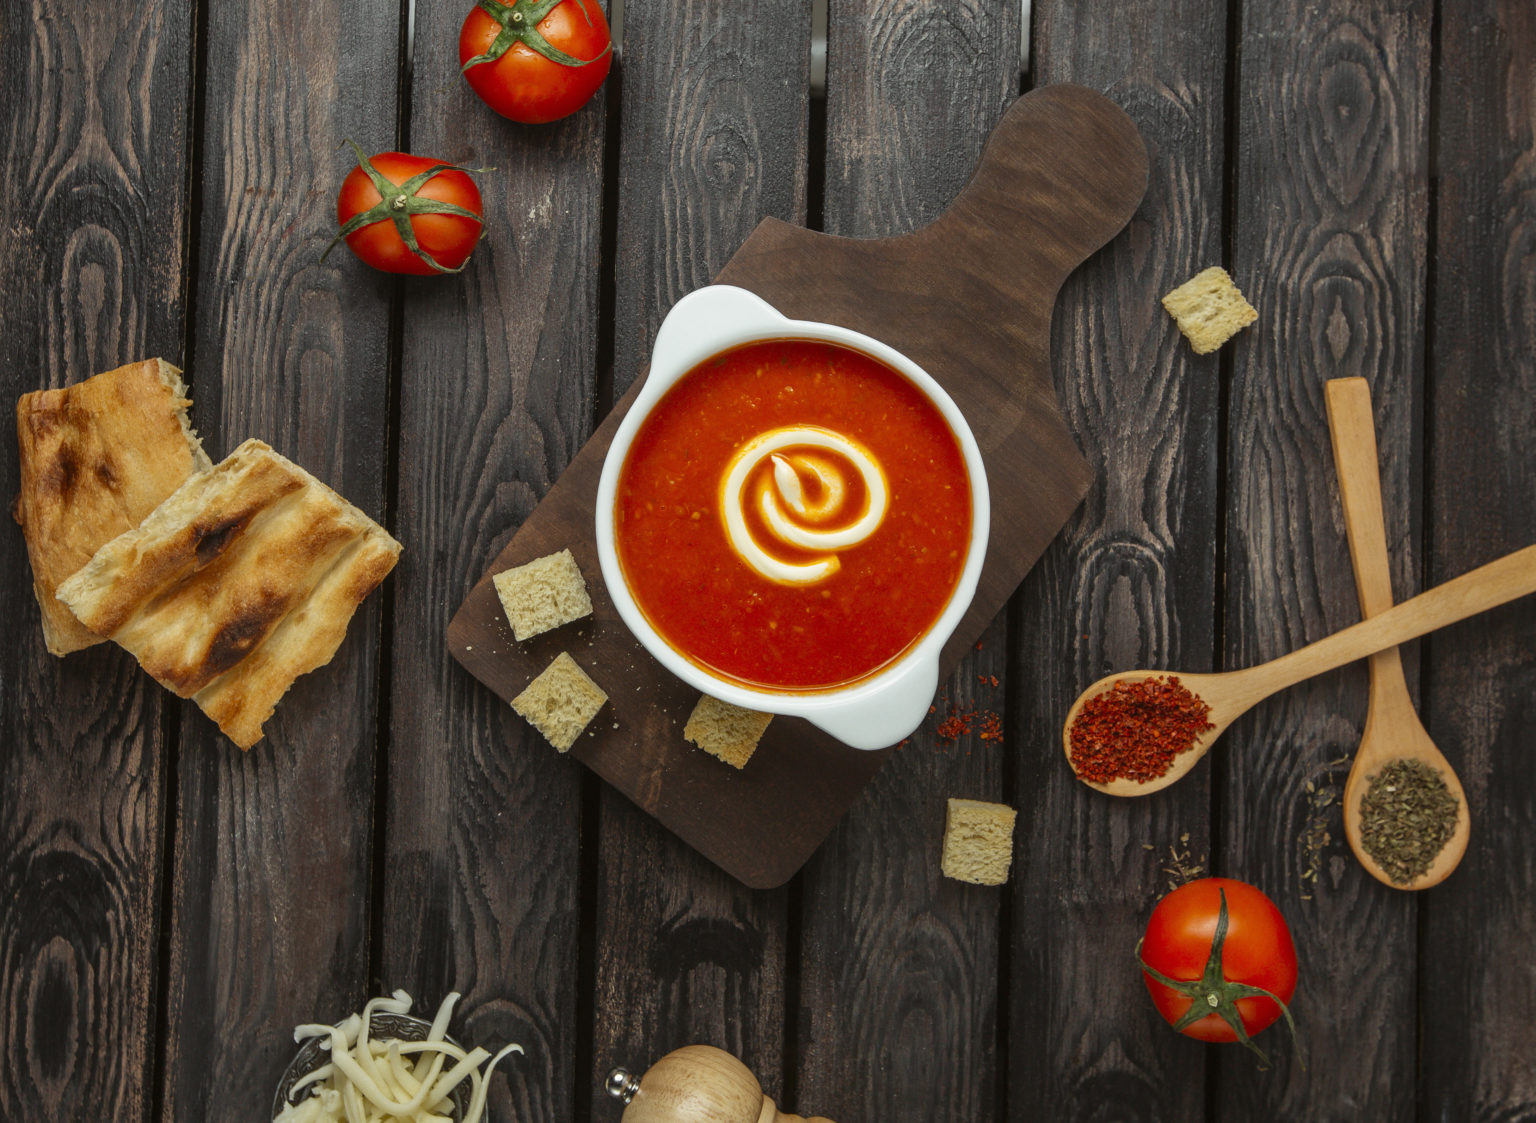 طرز تهیه سوپ اسپانیایی گازپاچو آندالوسیا طرز پخت غذای اسپانیایی سالم خوشمزه غذای گیاهی سریع غذای فوری سوپ تابستانی راحت ارزان سوپ سبزیجات سرد گازپاچو مقوی